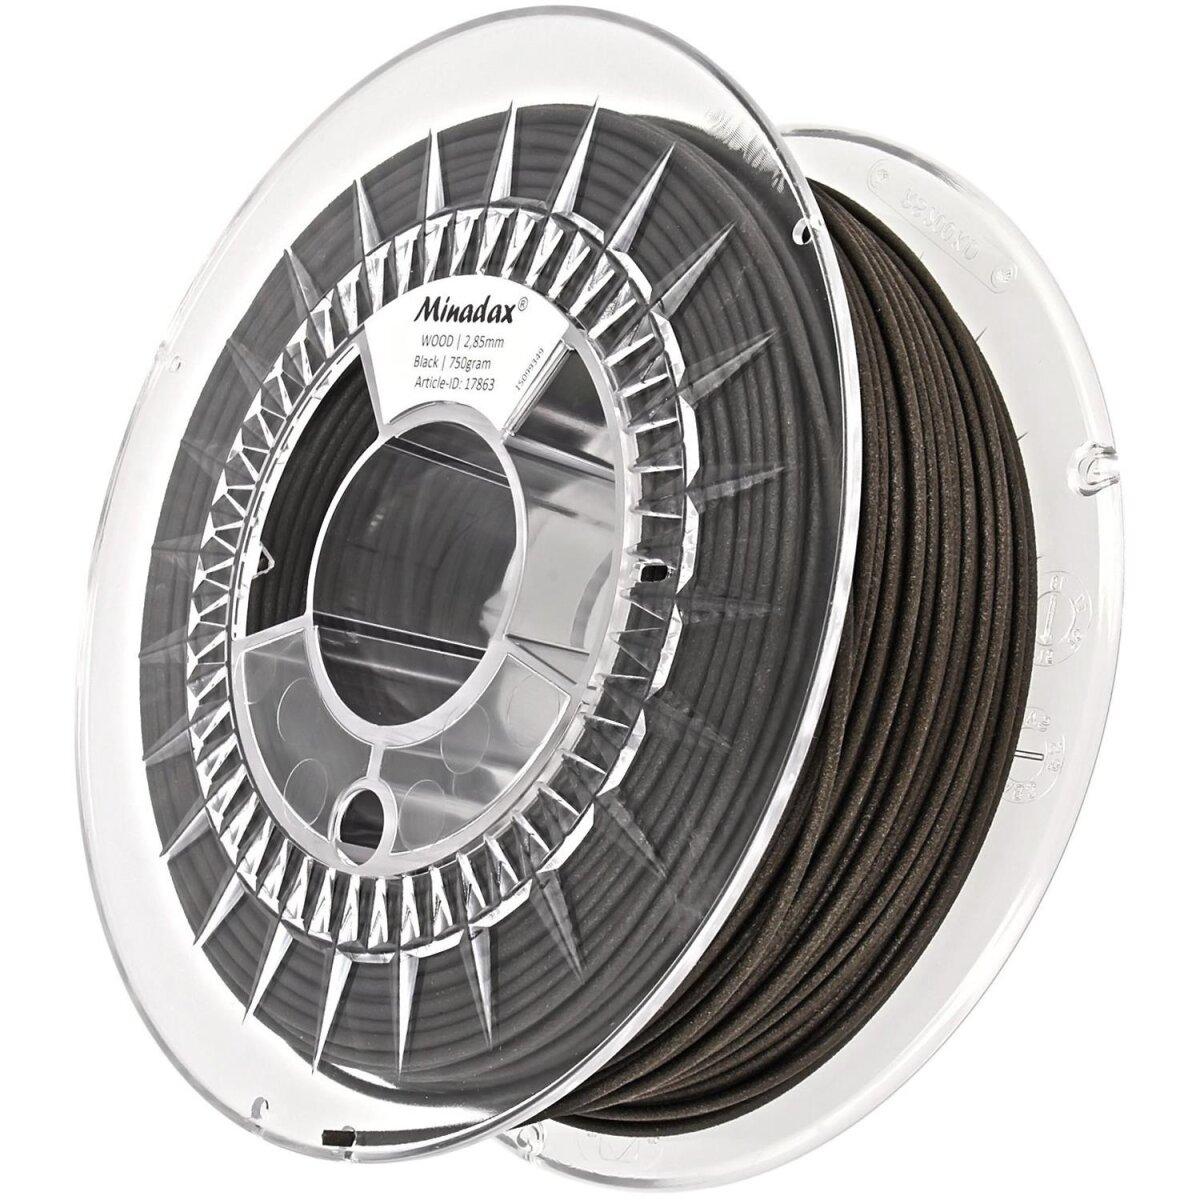 Minadax® 0,75kg Premium Qualitaet 3mm (2,85mm) HOLZ-Filament schwarz fuer 3D-Drucker hergestellt in Europa